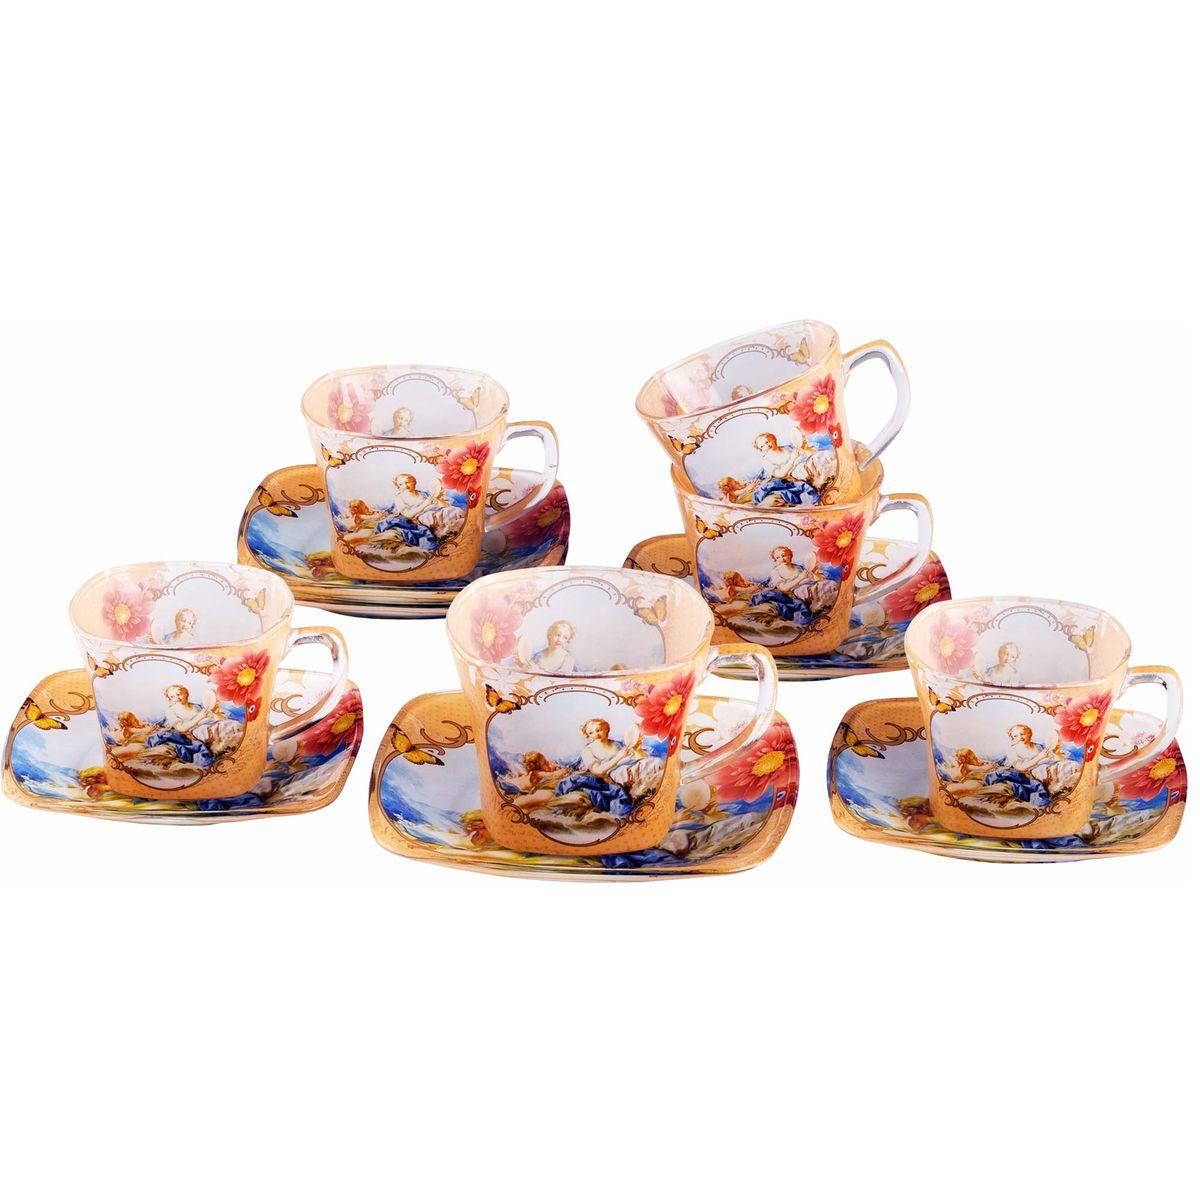 Набор чайный Bekker Koch, цвет: пшеничный, голубой, 12 предметов. BK-5857Аксион Т-33Чайный набор Bekker Koch состоит из шести чашек и шести блюдец, изготовленных из высококачественного стекла. Внешняя поверхность предметов набора матовая с прозрачными вставками. Изделия оформлены изящным изображением ангелов и цветков. Изящный набор эффектно украсит стол к чаепитию и порадует вас функциональностью и ярким дизайном. Объем чашки: 200 мл. Диаметр (по верхнему краю): 8 см. Высота чашки: 6,5 см. Диаметр блюдца: 13,5 см. Не применять абразивные чистящие средства. Не использовать в микроволновой печи. Мыть с применением нейтральных моющих средств. Нельзя мыть в посудомоечных машинах.